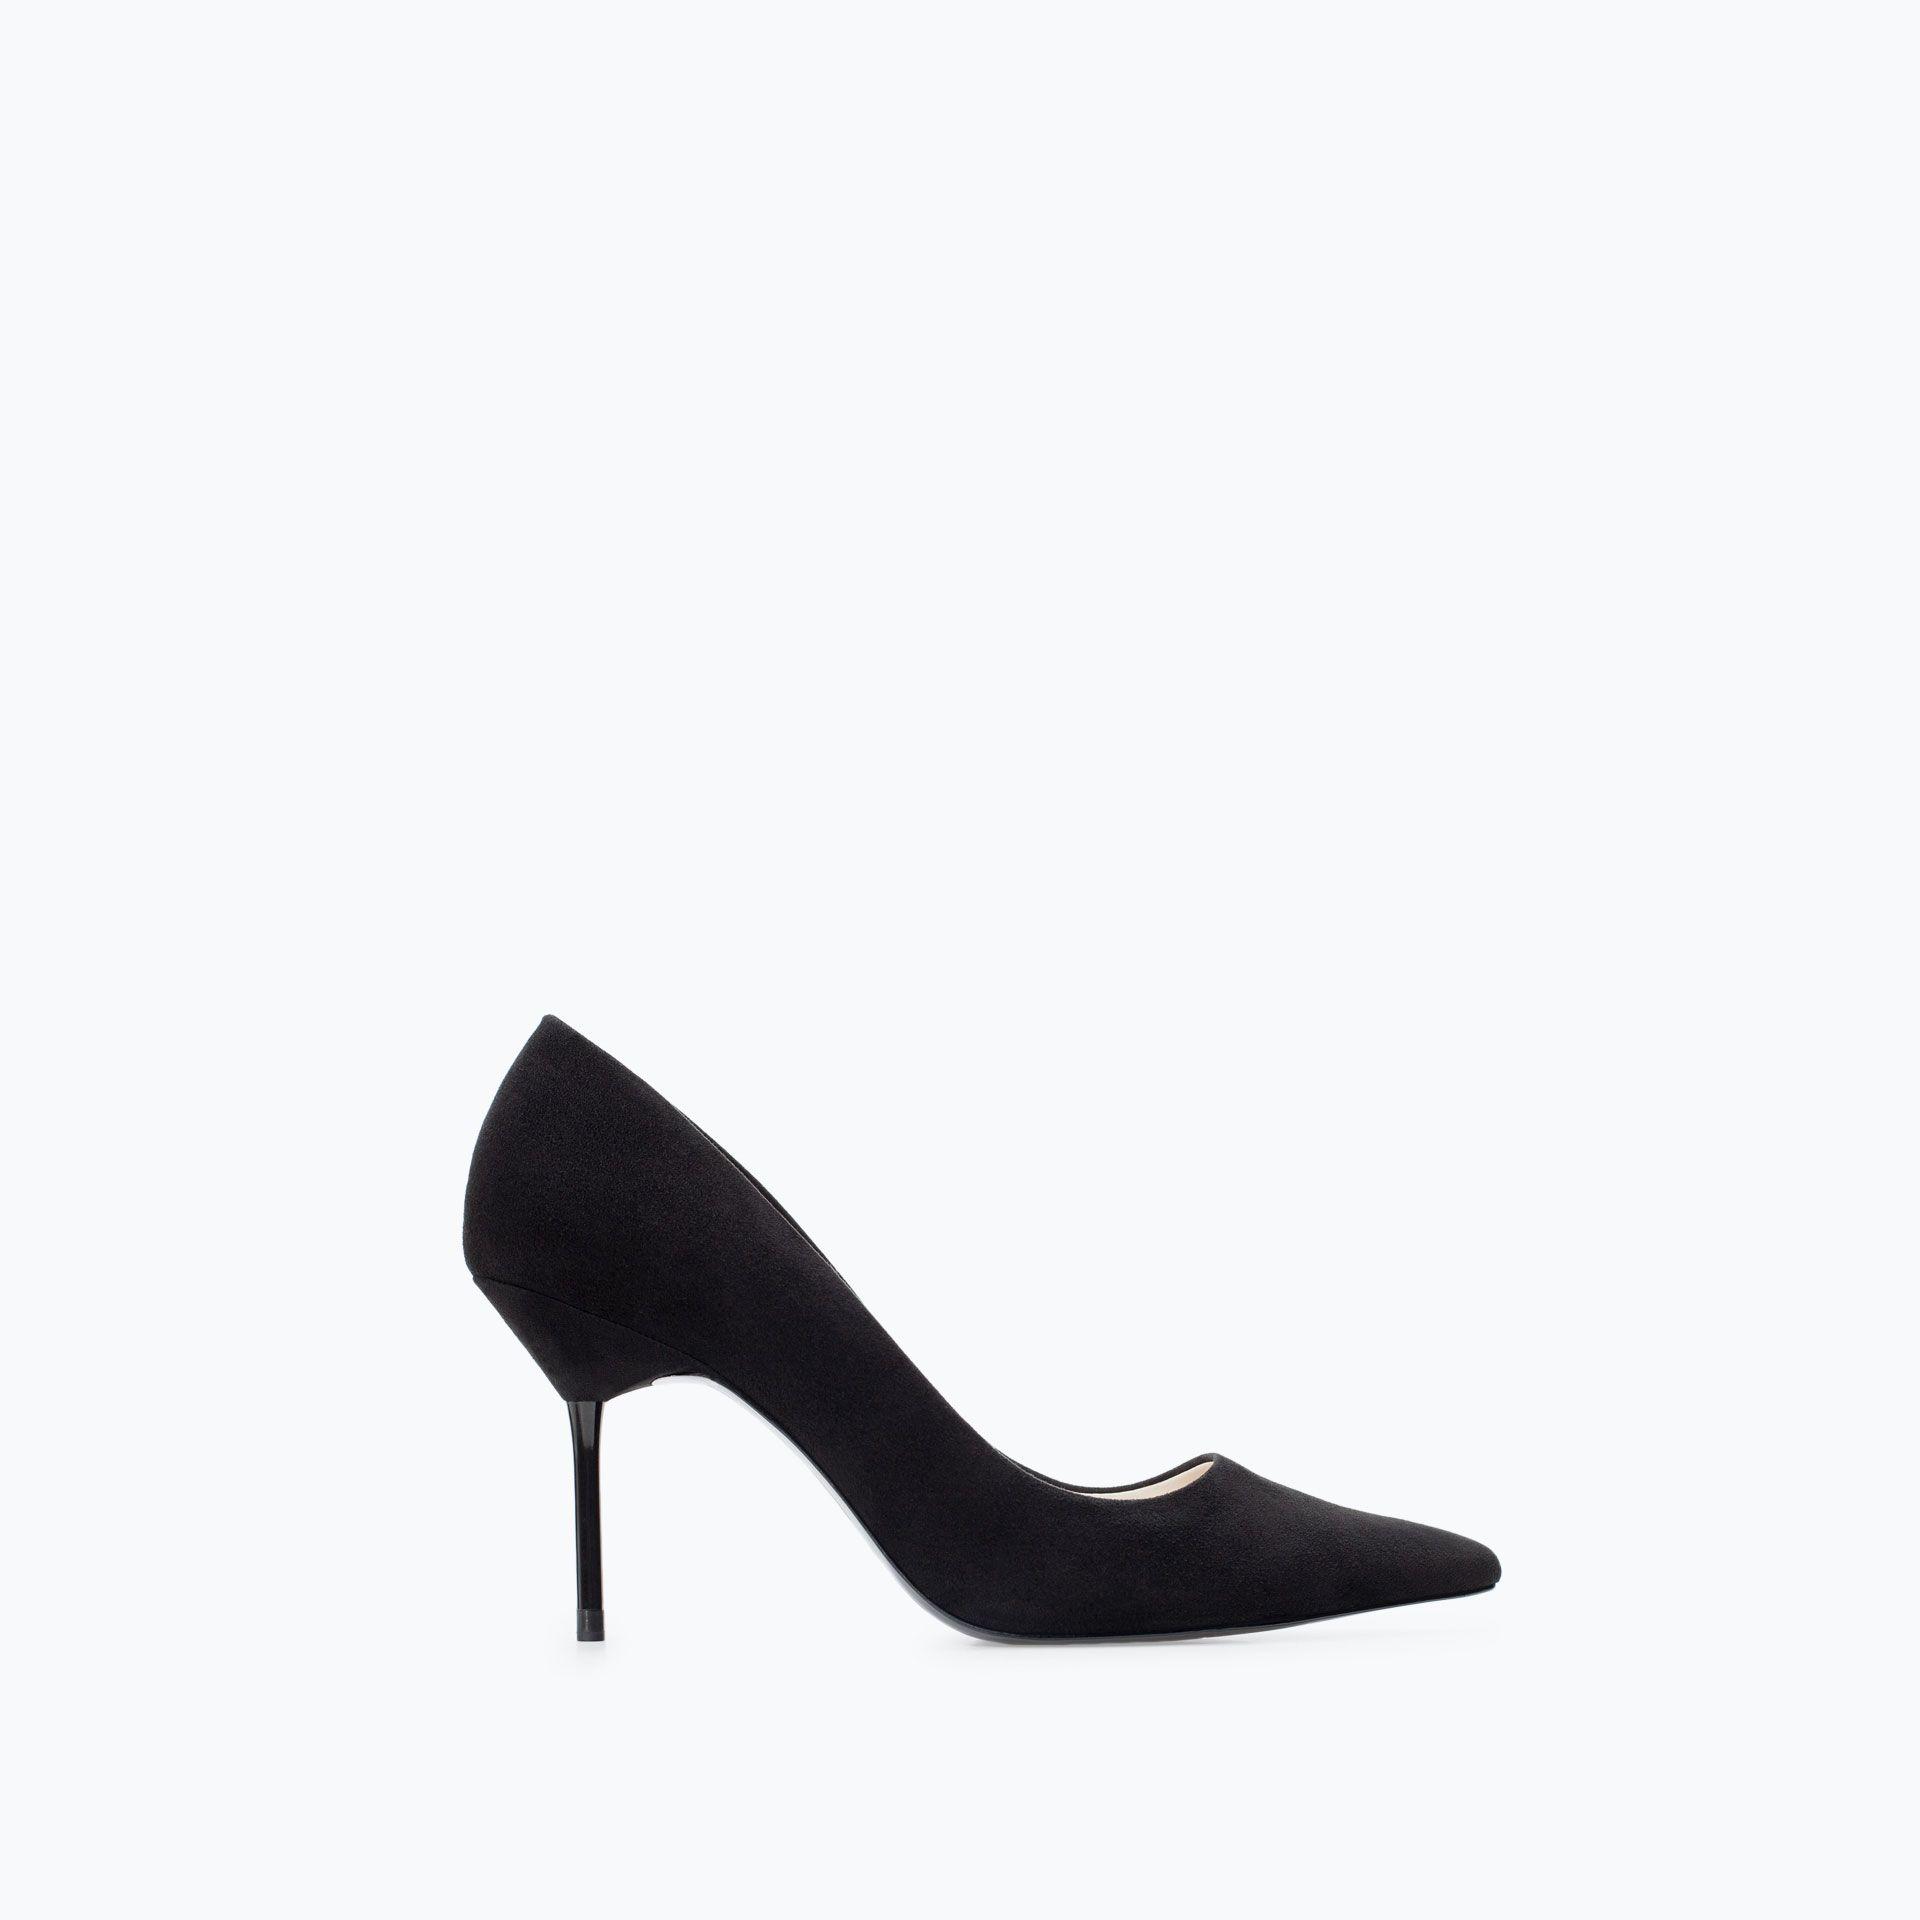 Chaussures femmes Escarpins cuir Talon haut noir OL58ti